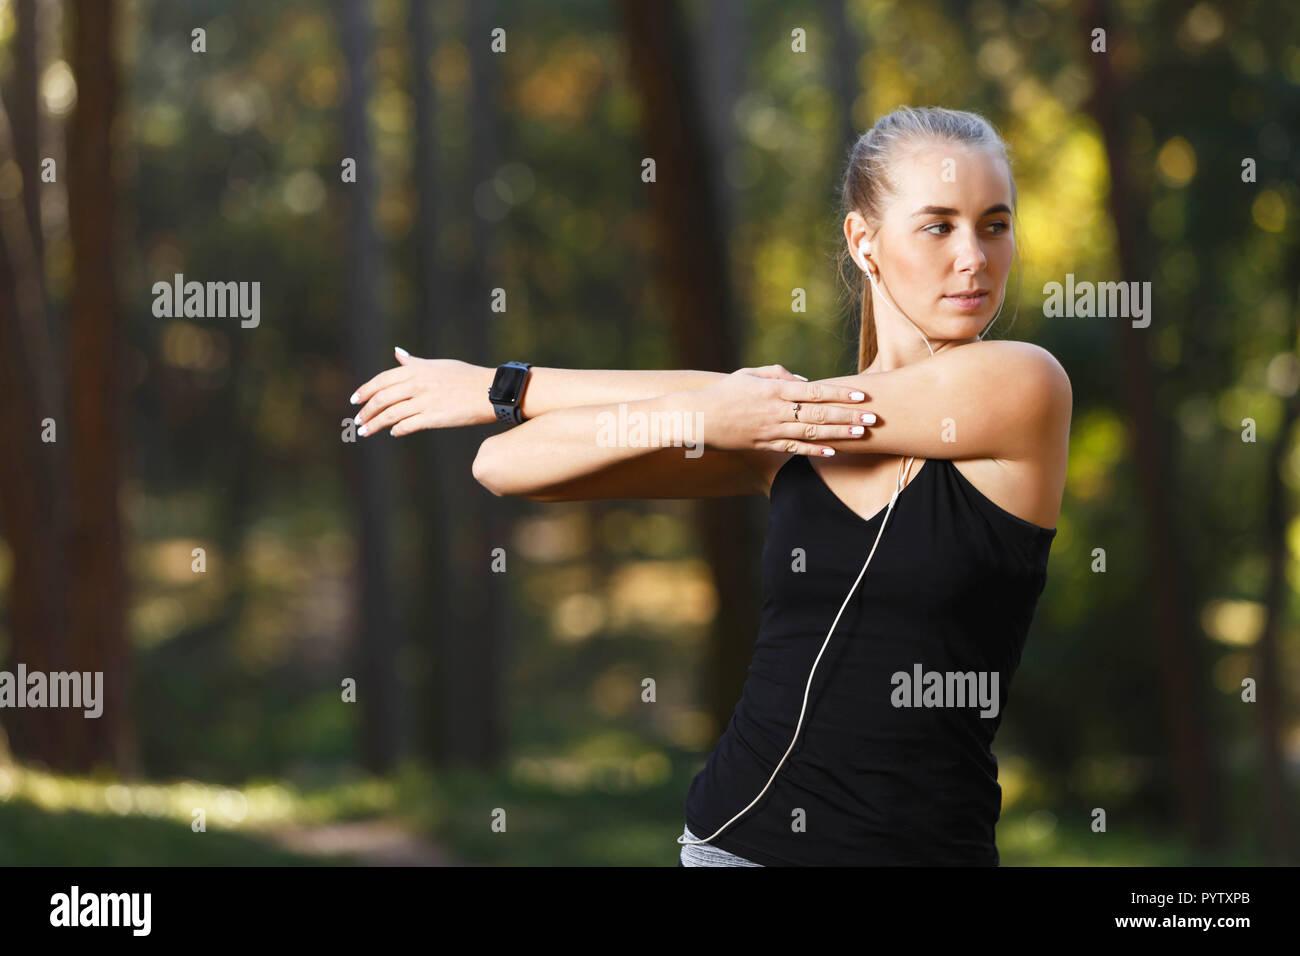 Ritratto di giovane donna atletica indossando vestiti sportish stretching e ascolto di musica nel soleggiato parco, uno stile di vita sano e concetto di persone Foto Stock